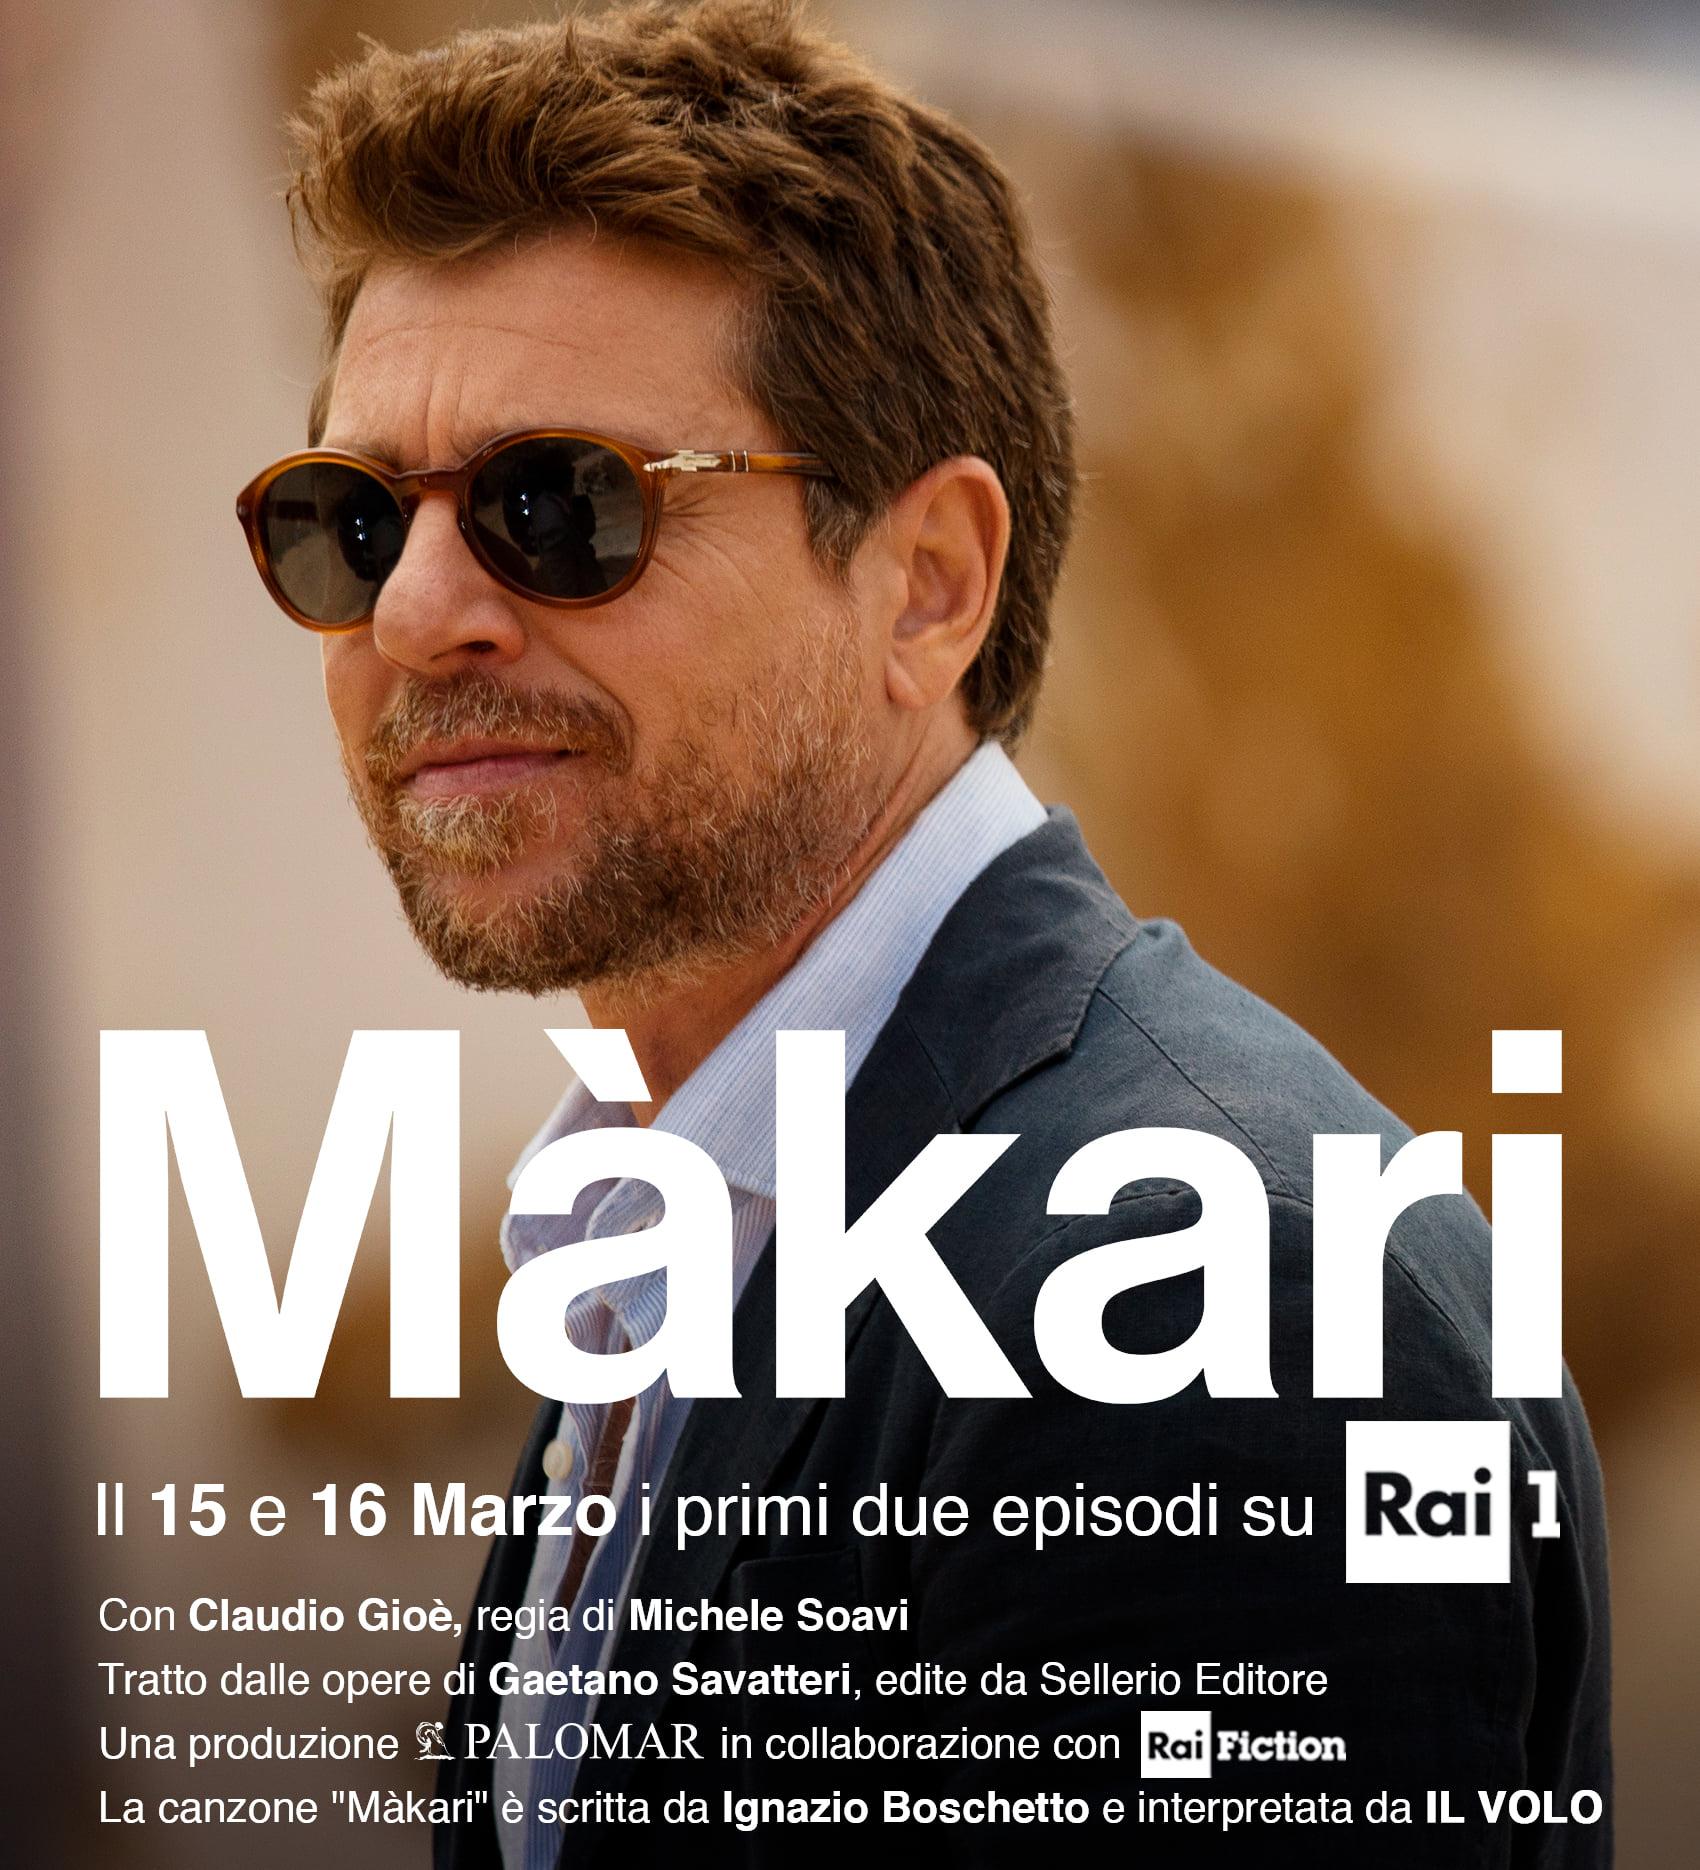 Màkari: secondo appuntamento su RaiUno con Claudio Gioè, investigatore per caso